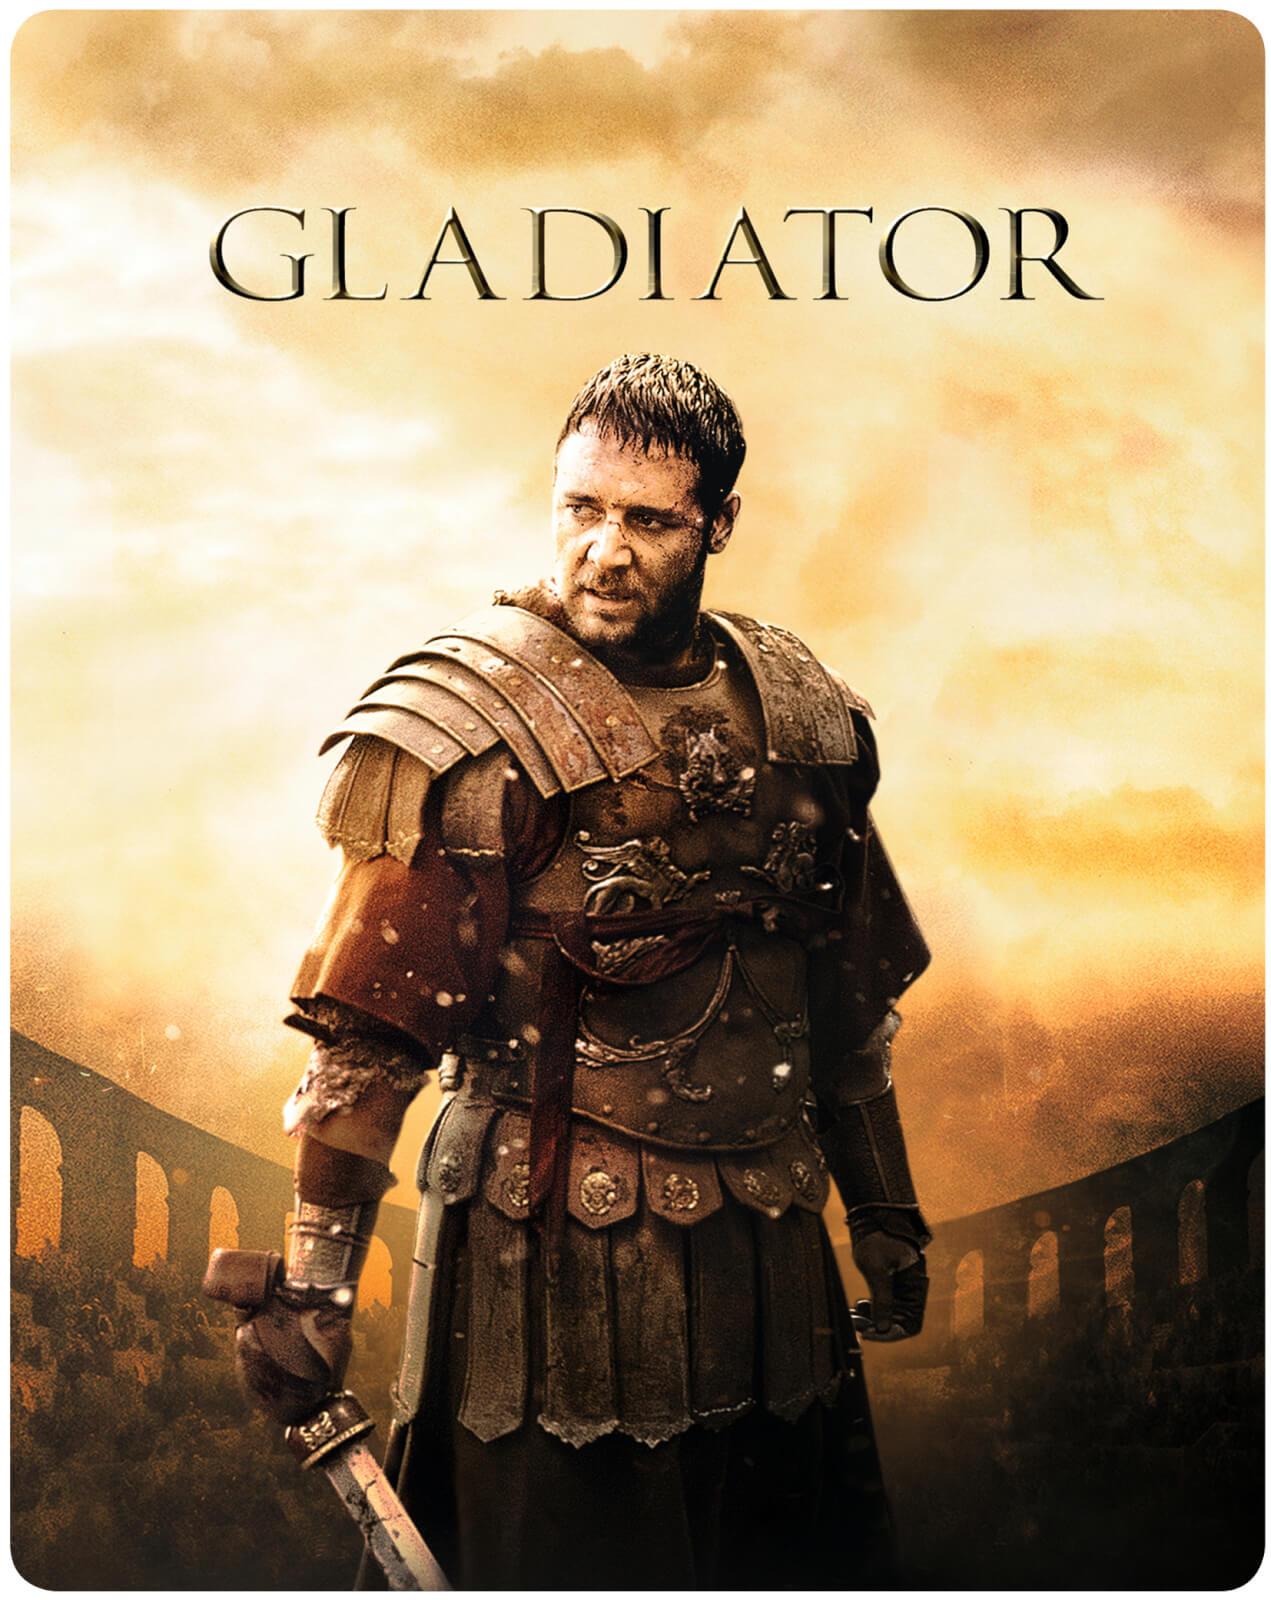 Gladiator 4K Steelbook £22.49 @ Zavvi (Free postage)